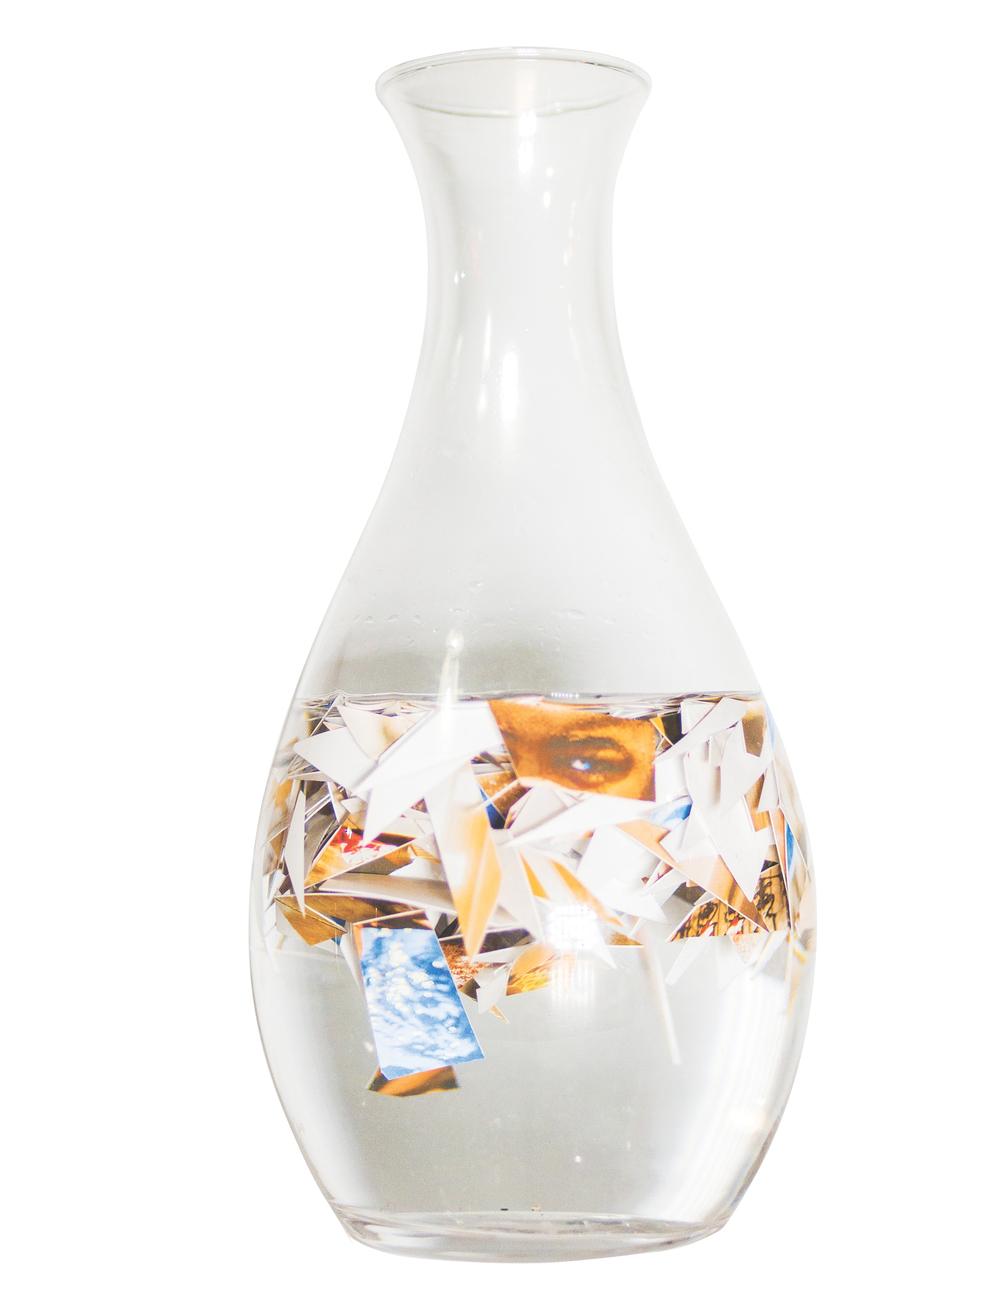 Fragments de Joie Vol.II Photographies Découpées, eau, carafe en verre 24 x 11 cm